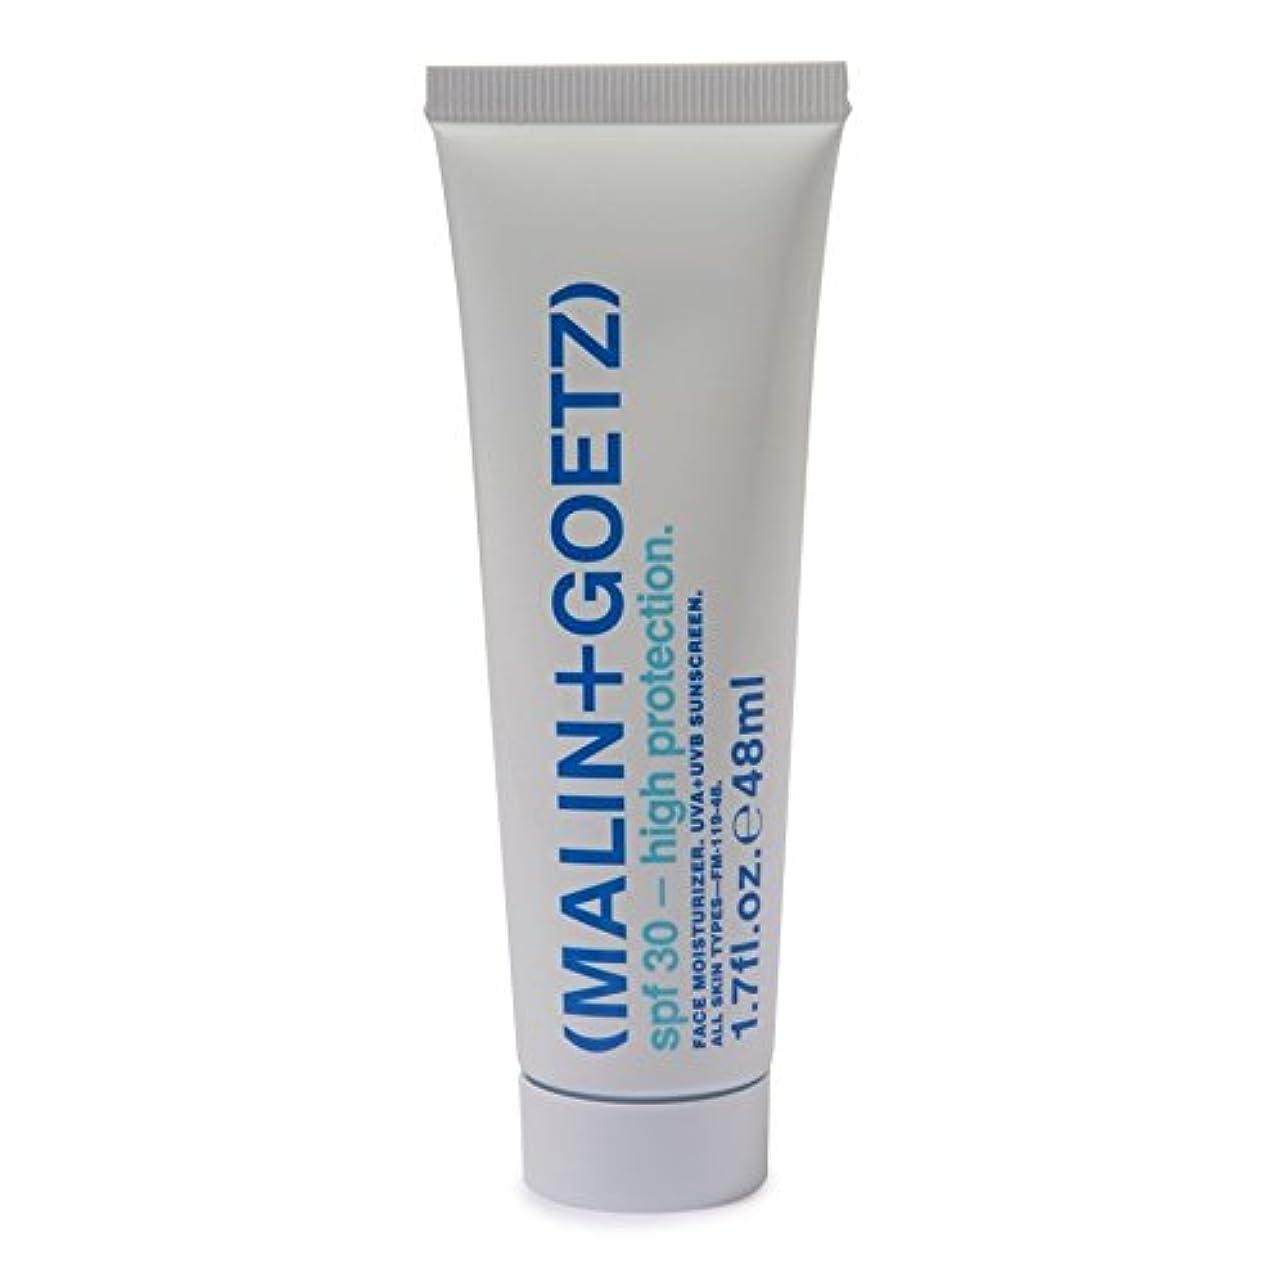 ホラー代表して慎重にマリン+ゲッツ顔の保湿剤の 30 48ミリリットル x4 - MALIN+GOETZ Face Moisturiser SPF 30 48ml (Pack of 4) [並行輸入品]